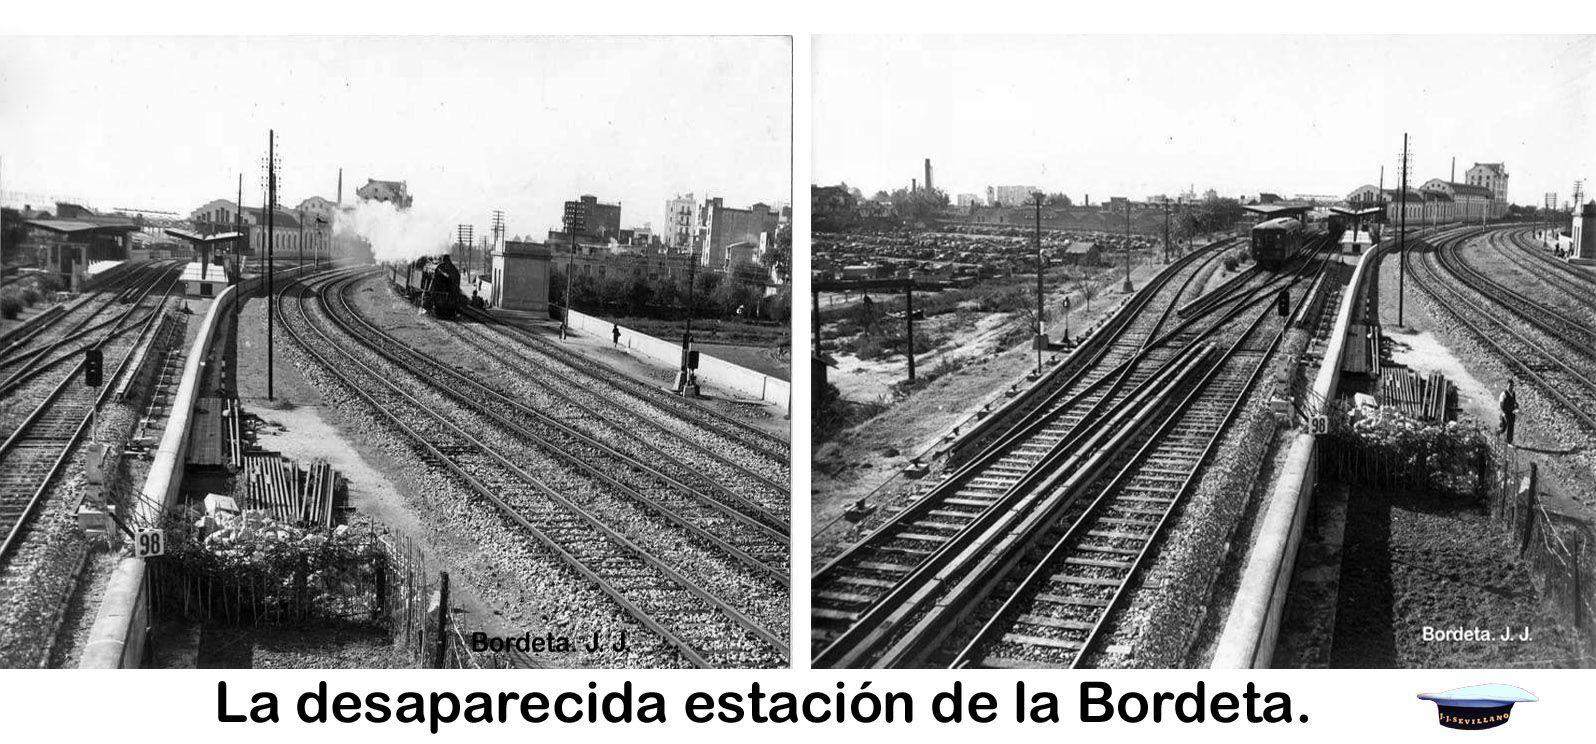 La Desaparecida Estación De La Bordeta Dirección Santa Eulália Más Adelante Los Talleres Y Oficinas Del Metro Estacionamiento Oficinas Taller